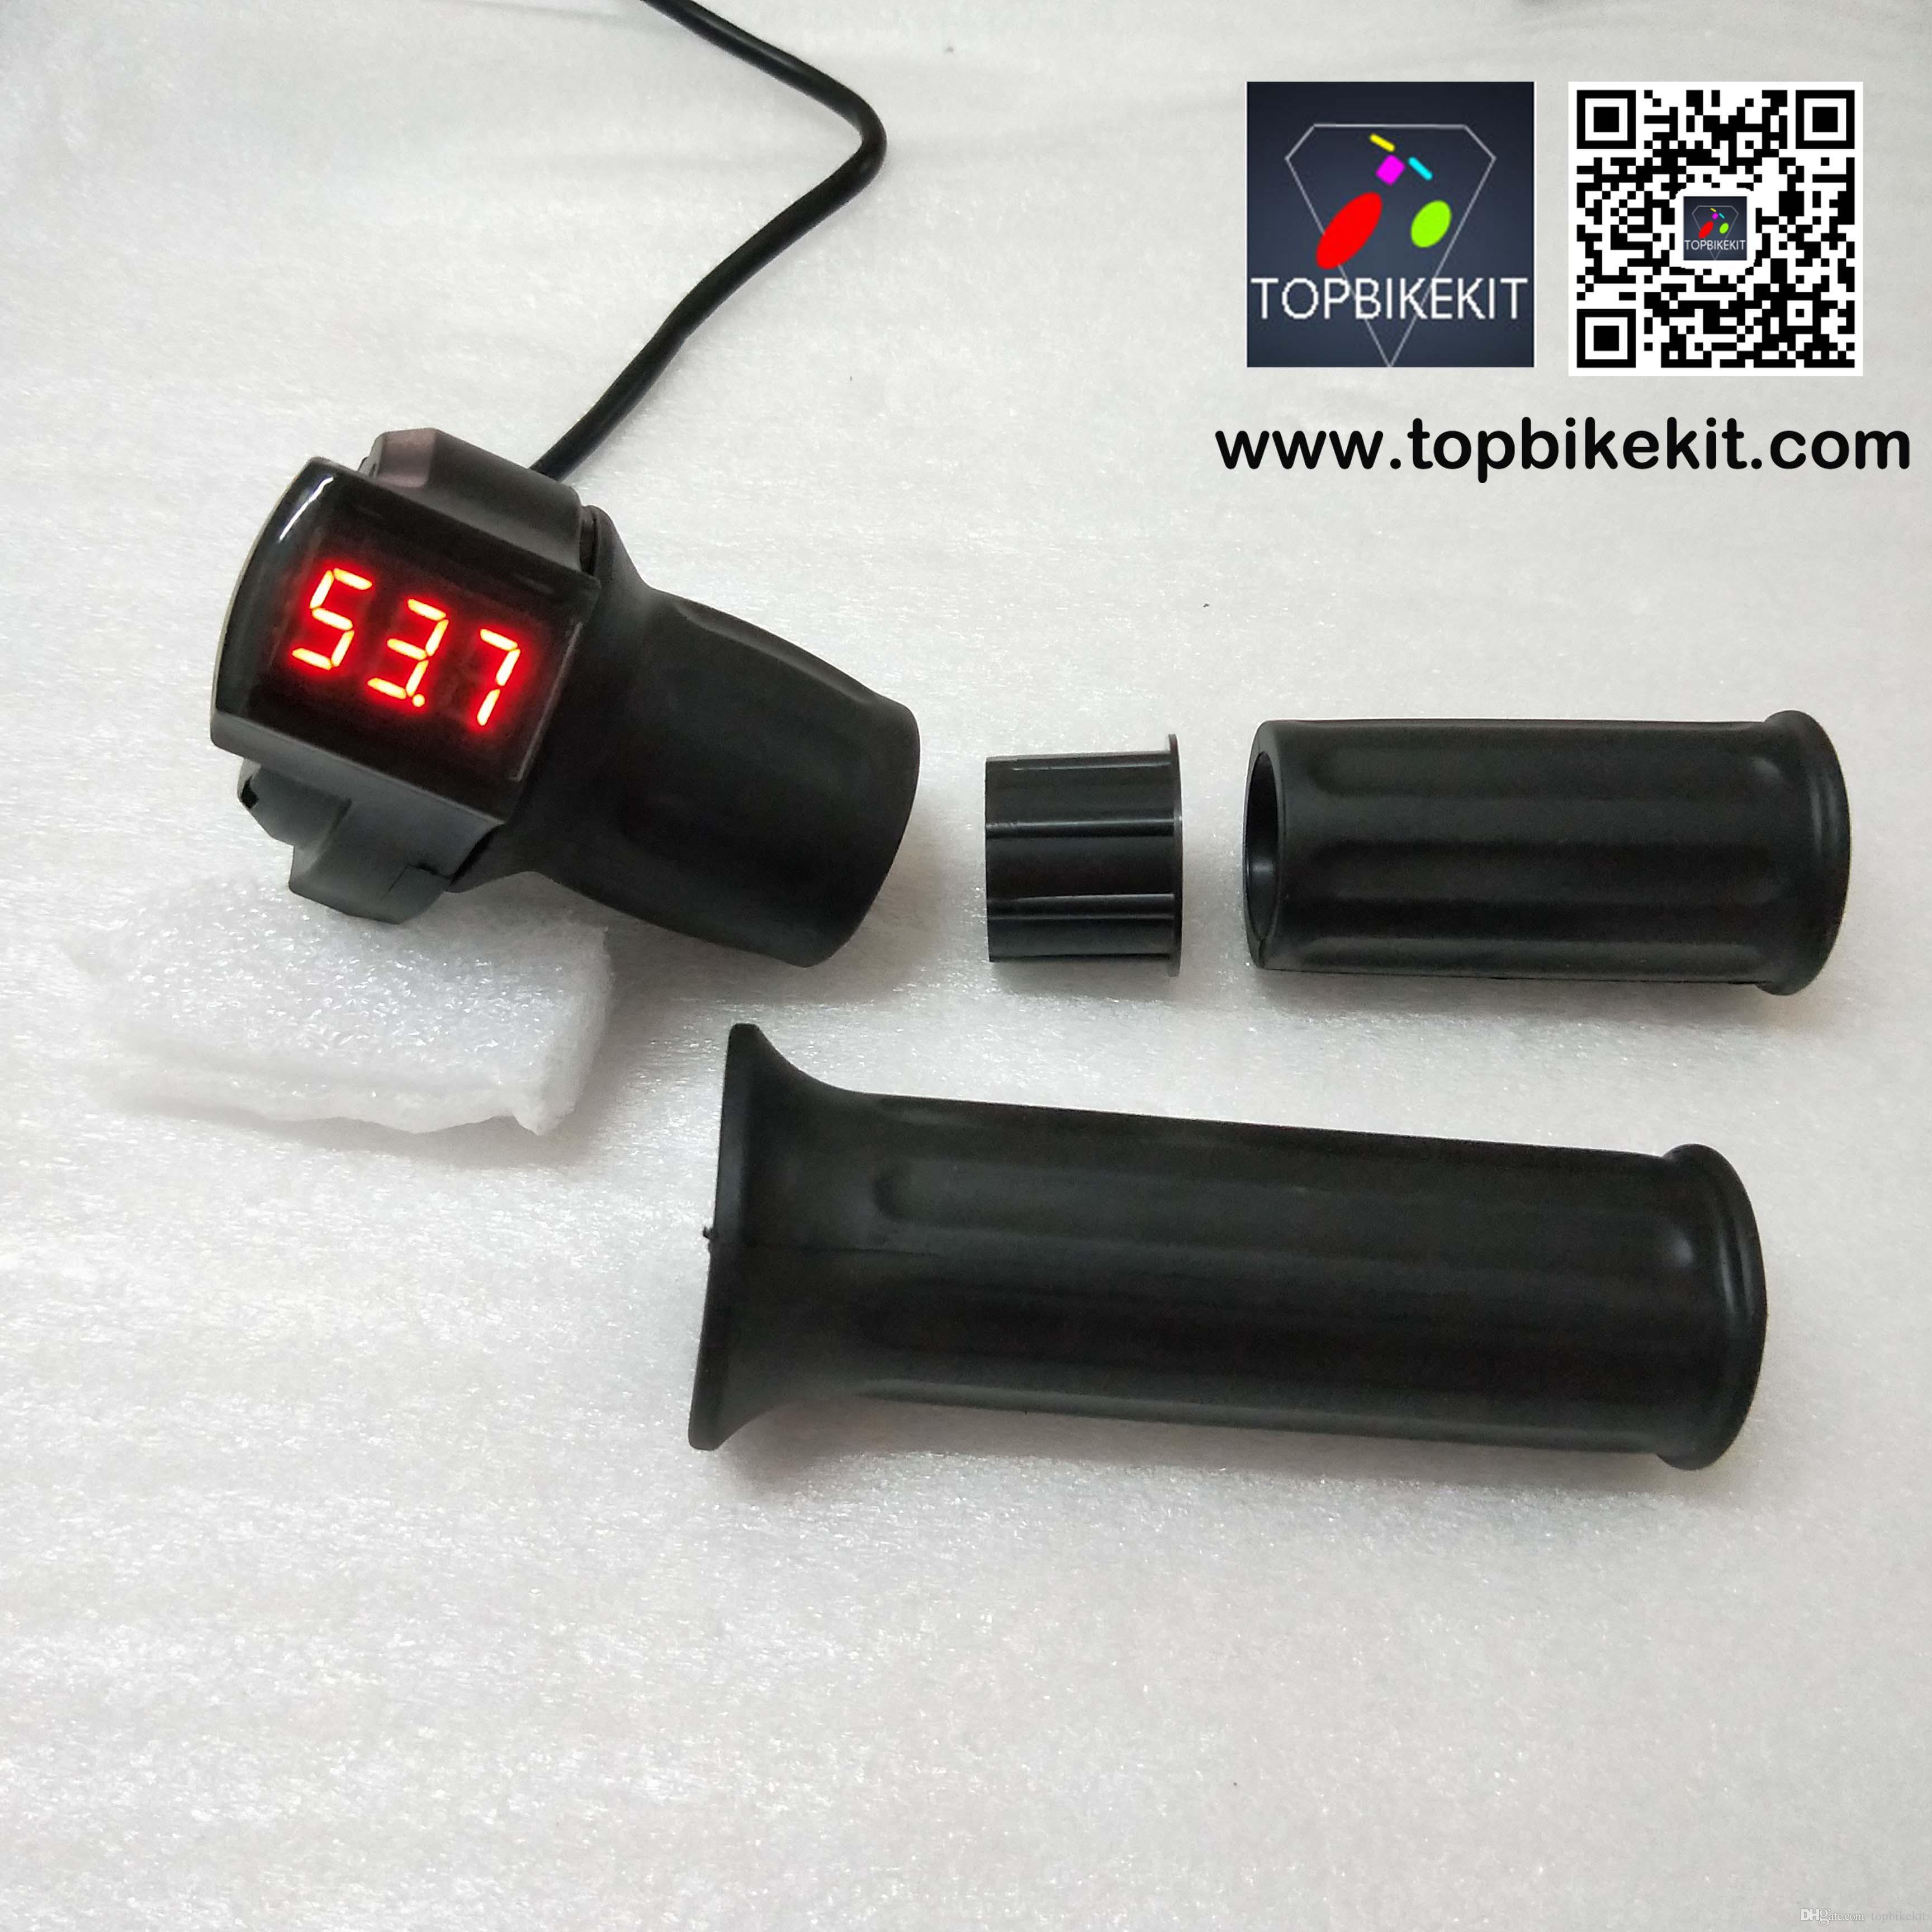 24V//36V//48V Half Throttle W//LED Voltage Display For Electric Bike E-bike